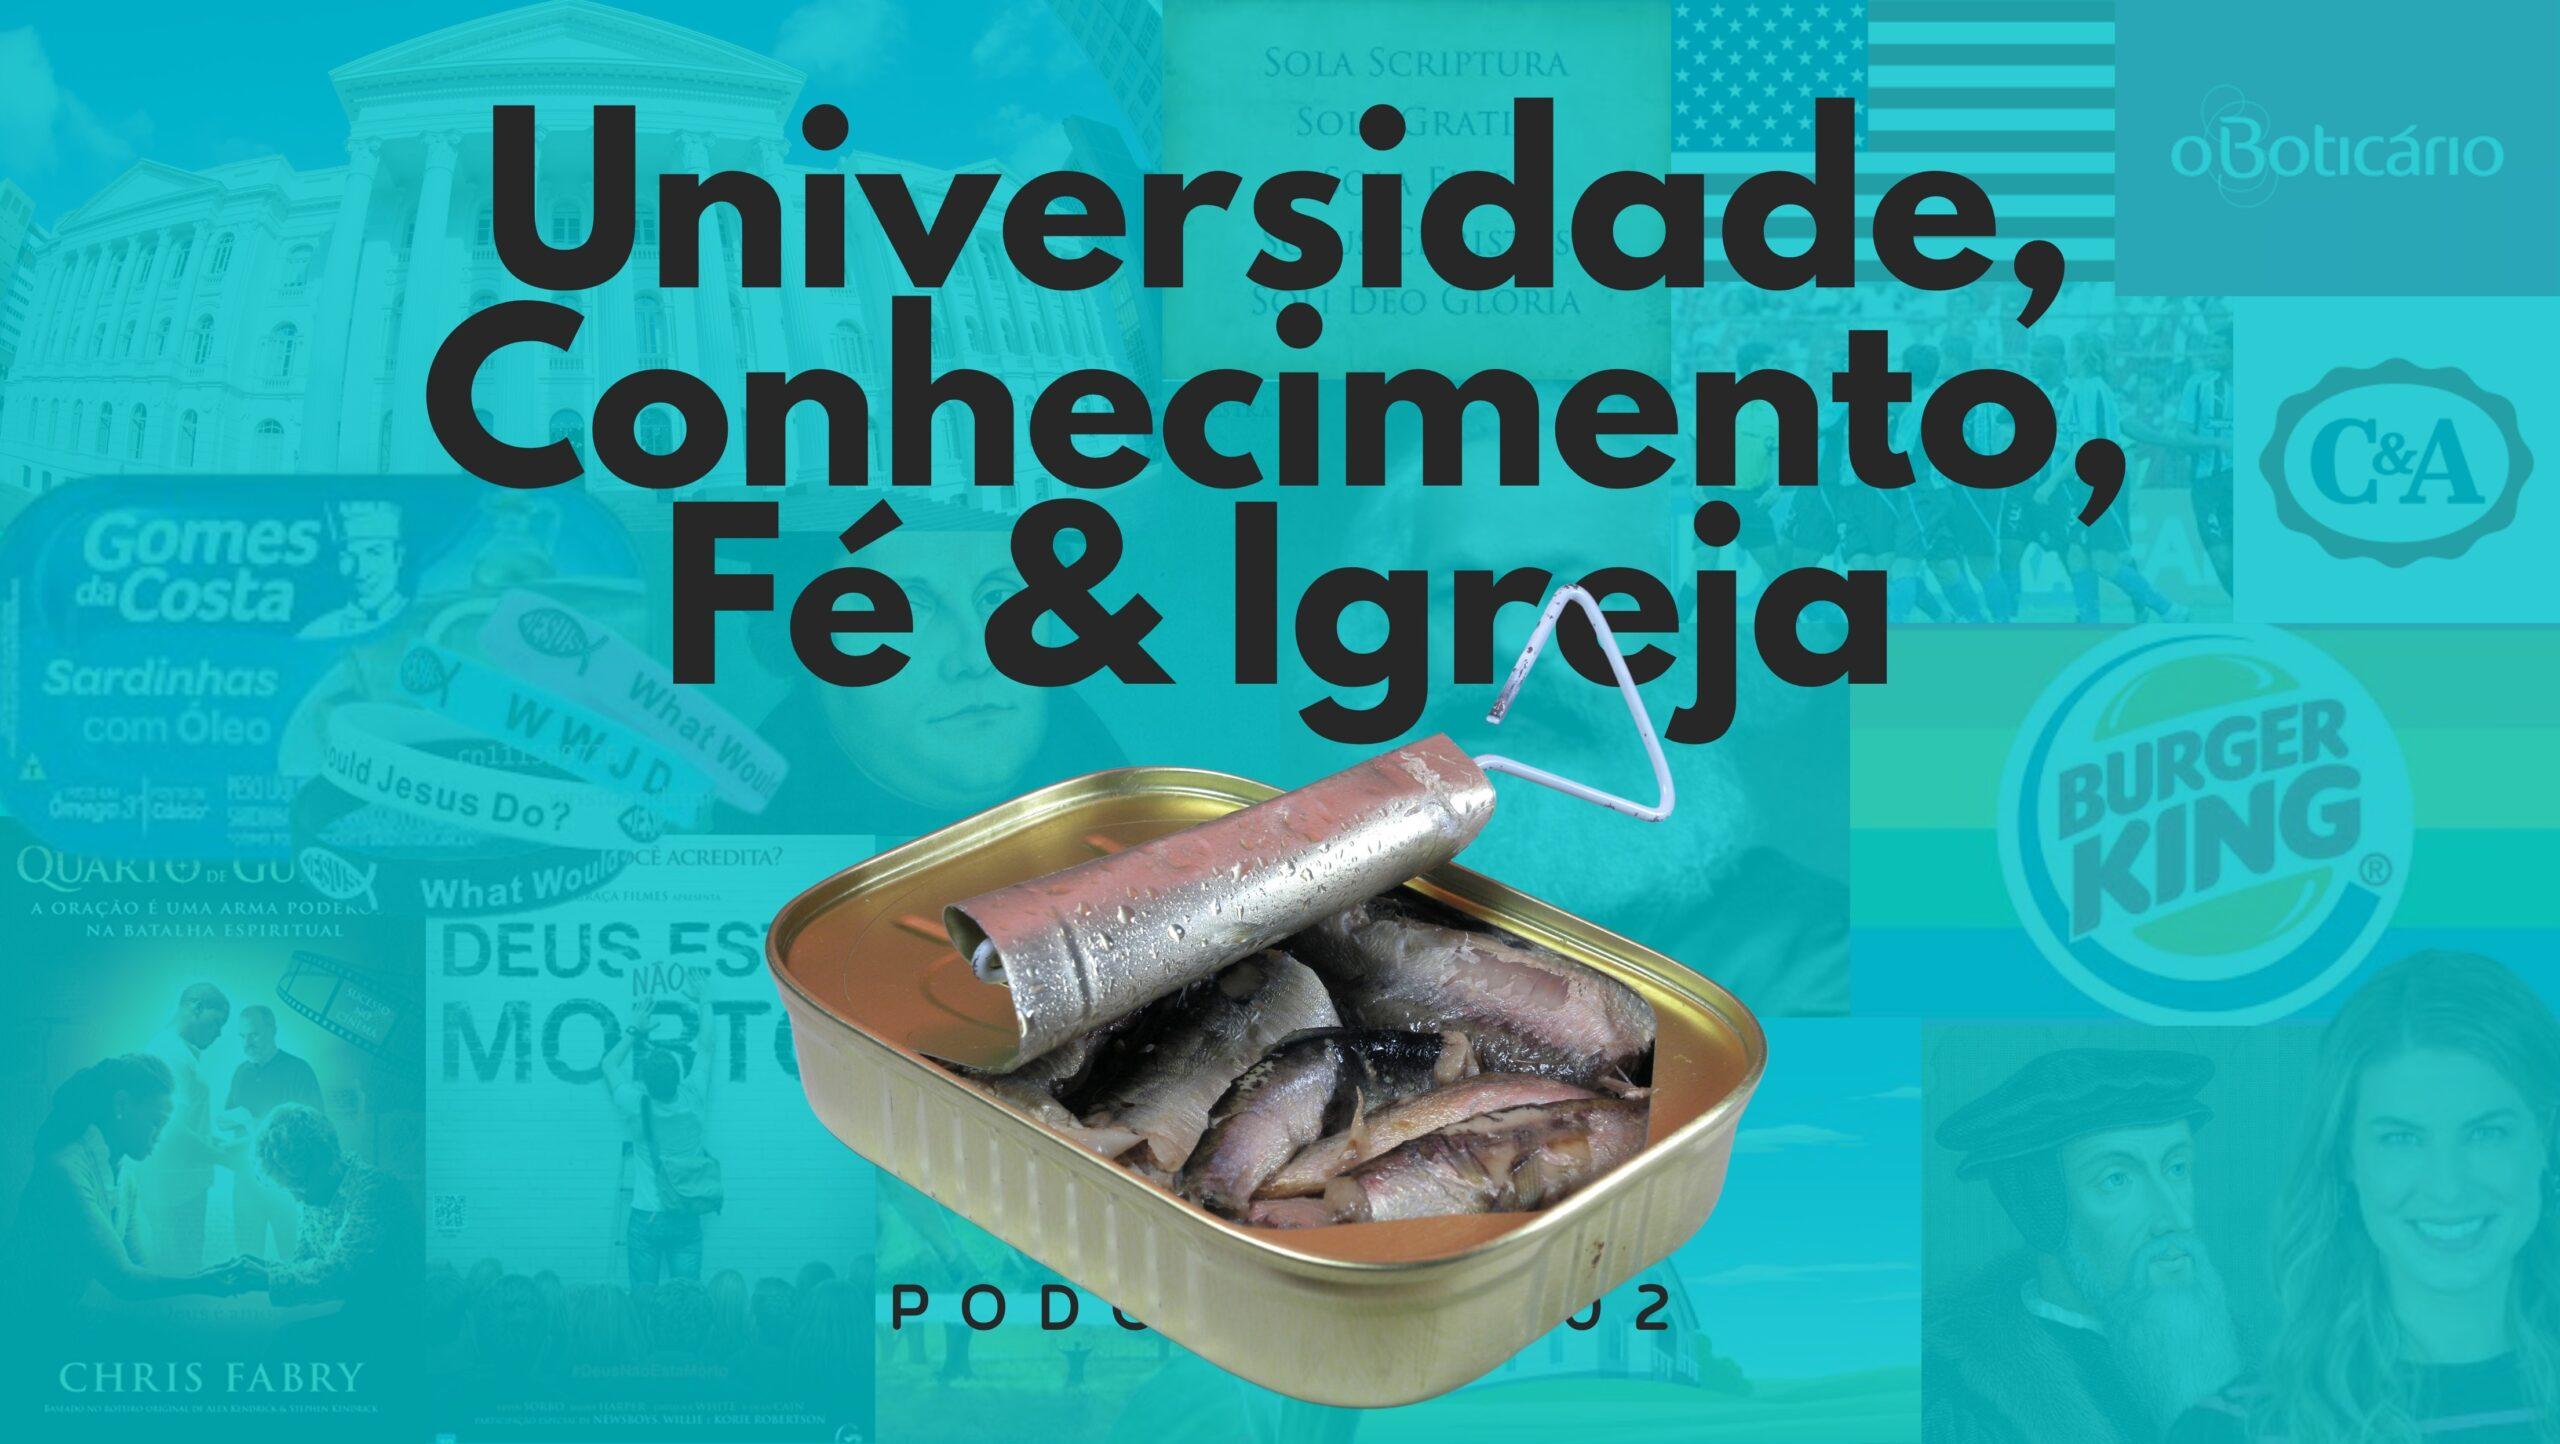 """Plano de fundo azul. Acima o letreiro """"Universidade, Conhecimento, Fé & Igreja"""". Abaixo o letreiro """"Podcrent 102"""" e imagem de uma lata de sardinha aberta."""